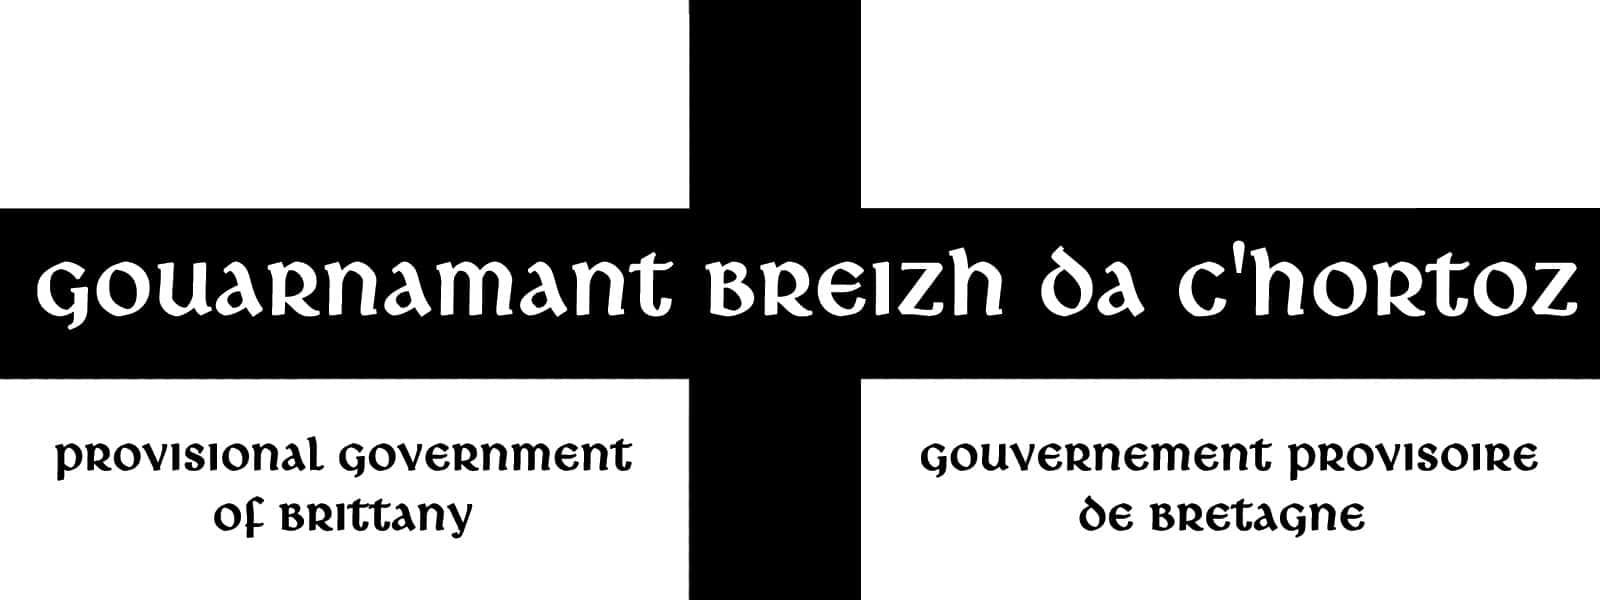 Gouvernement provisoire de Bretagne en exil